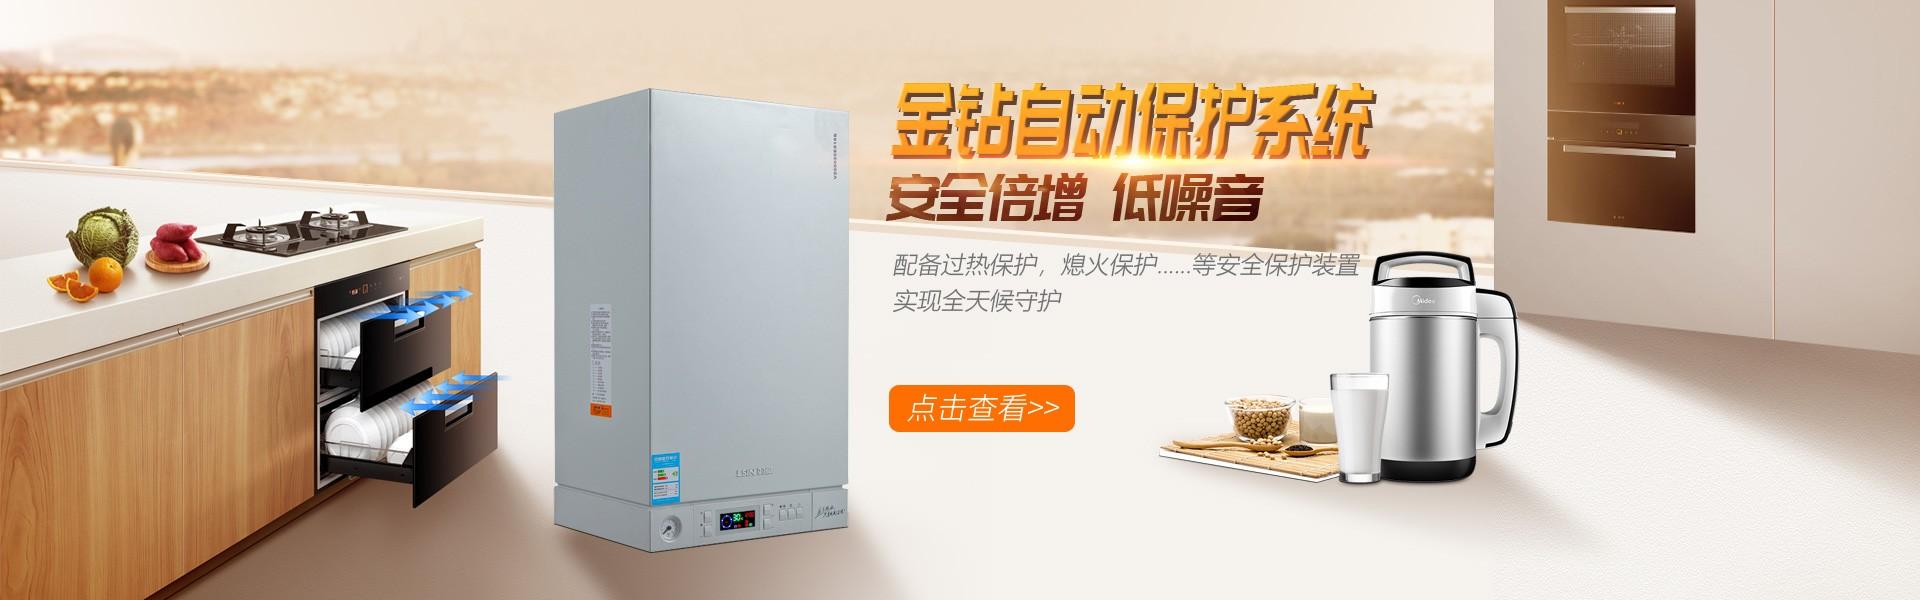 长江中下游地区典型户式燃气壁挂炉采暖系统研究